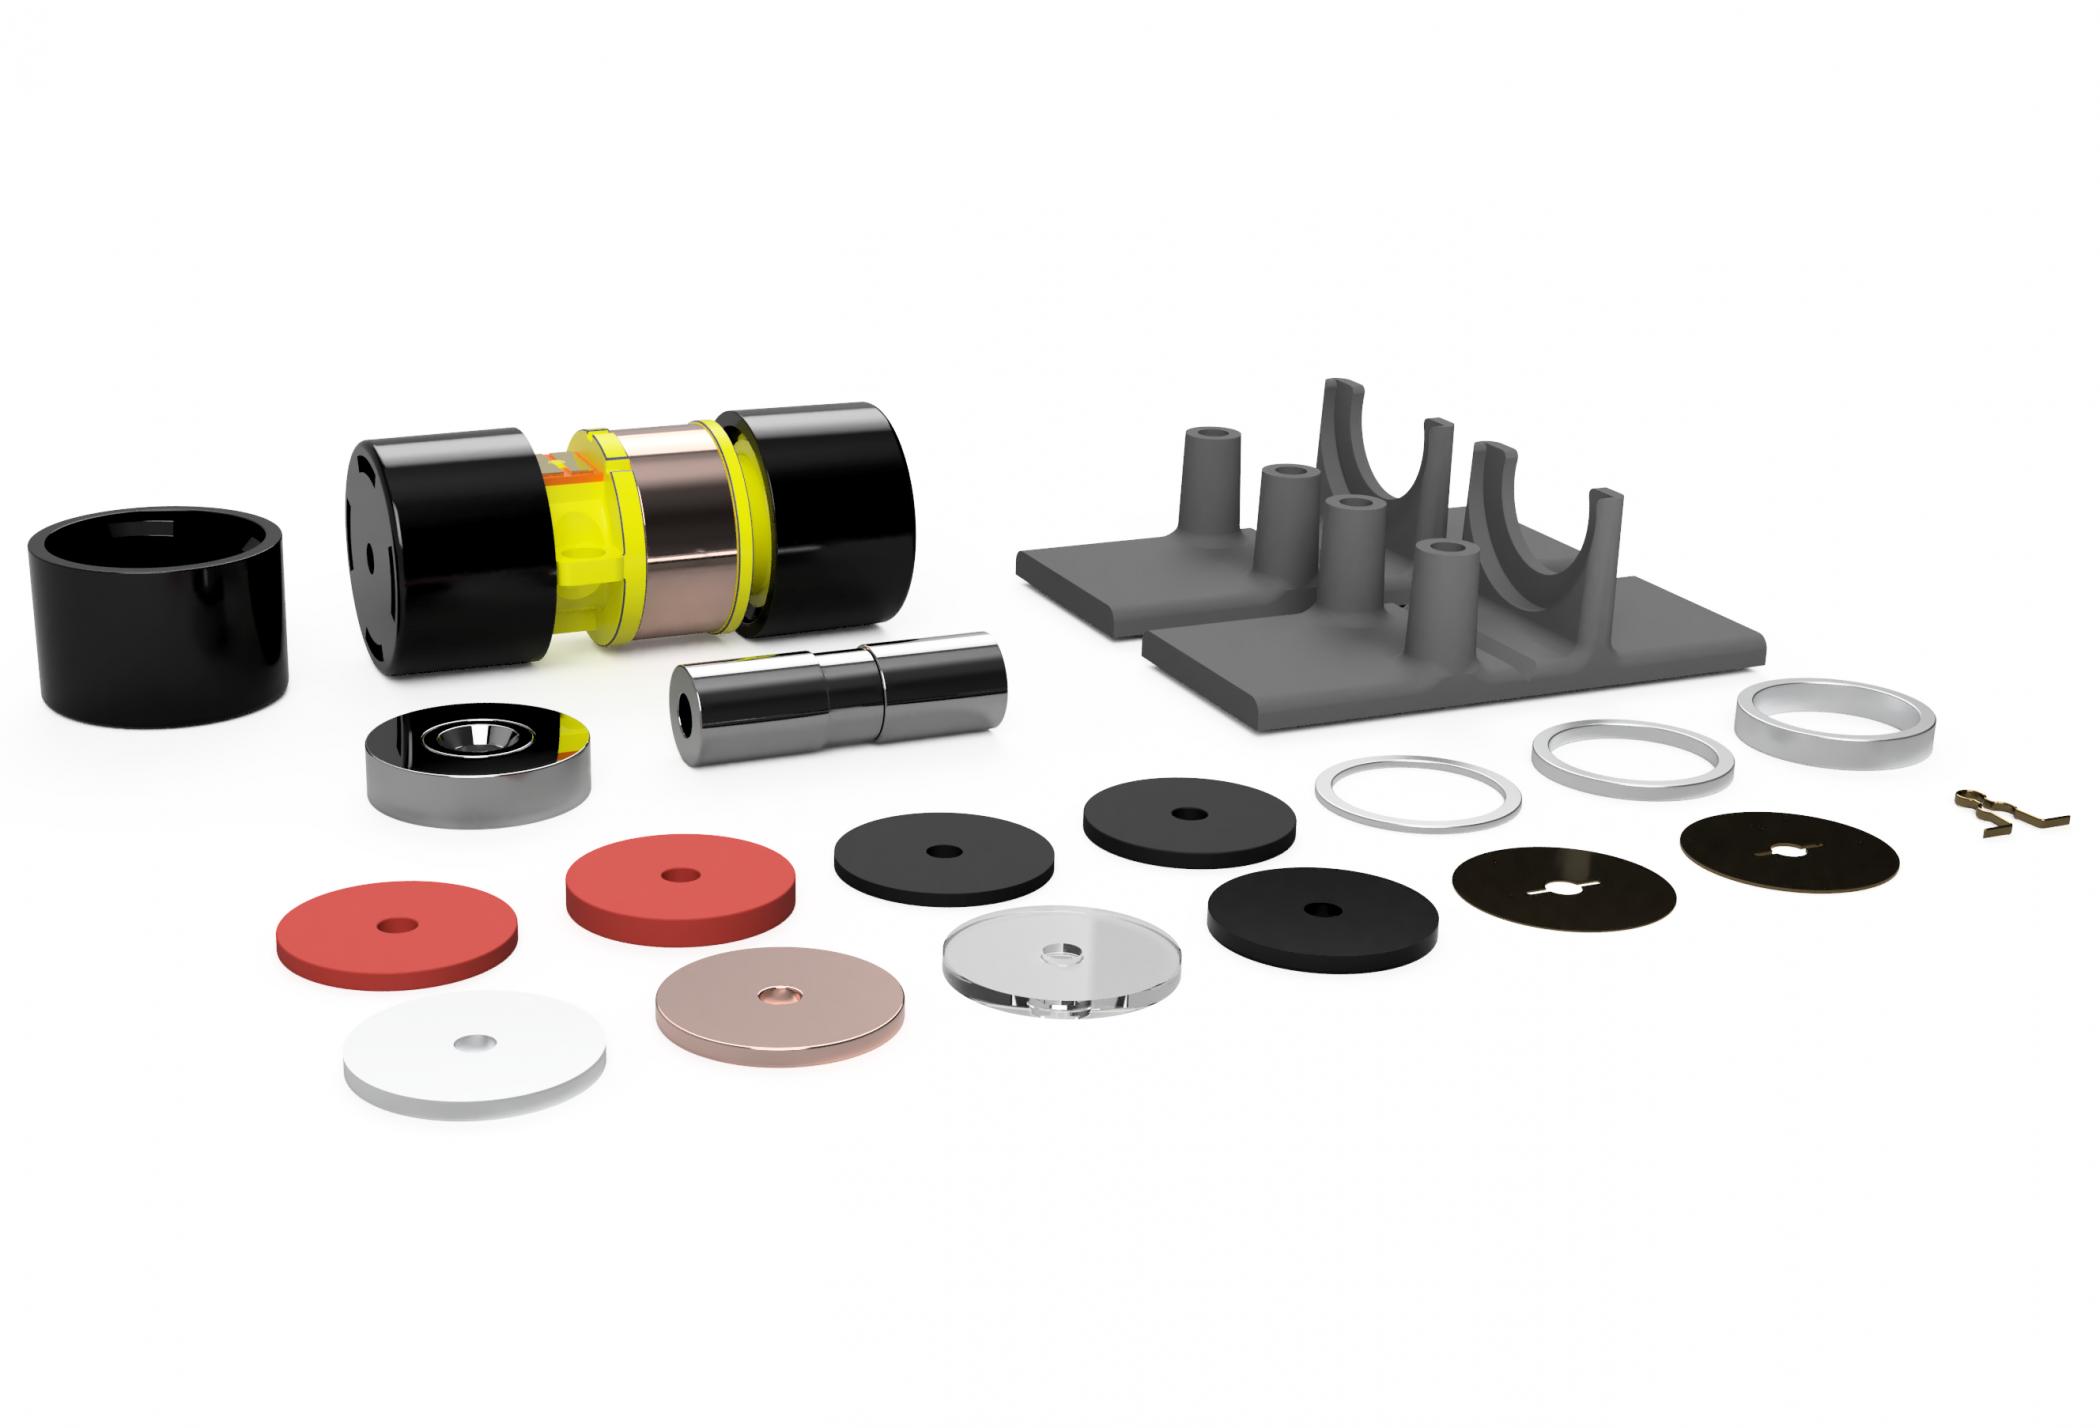 TacHammer Developer Kit